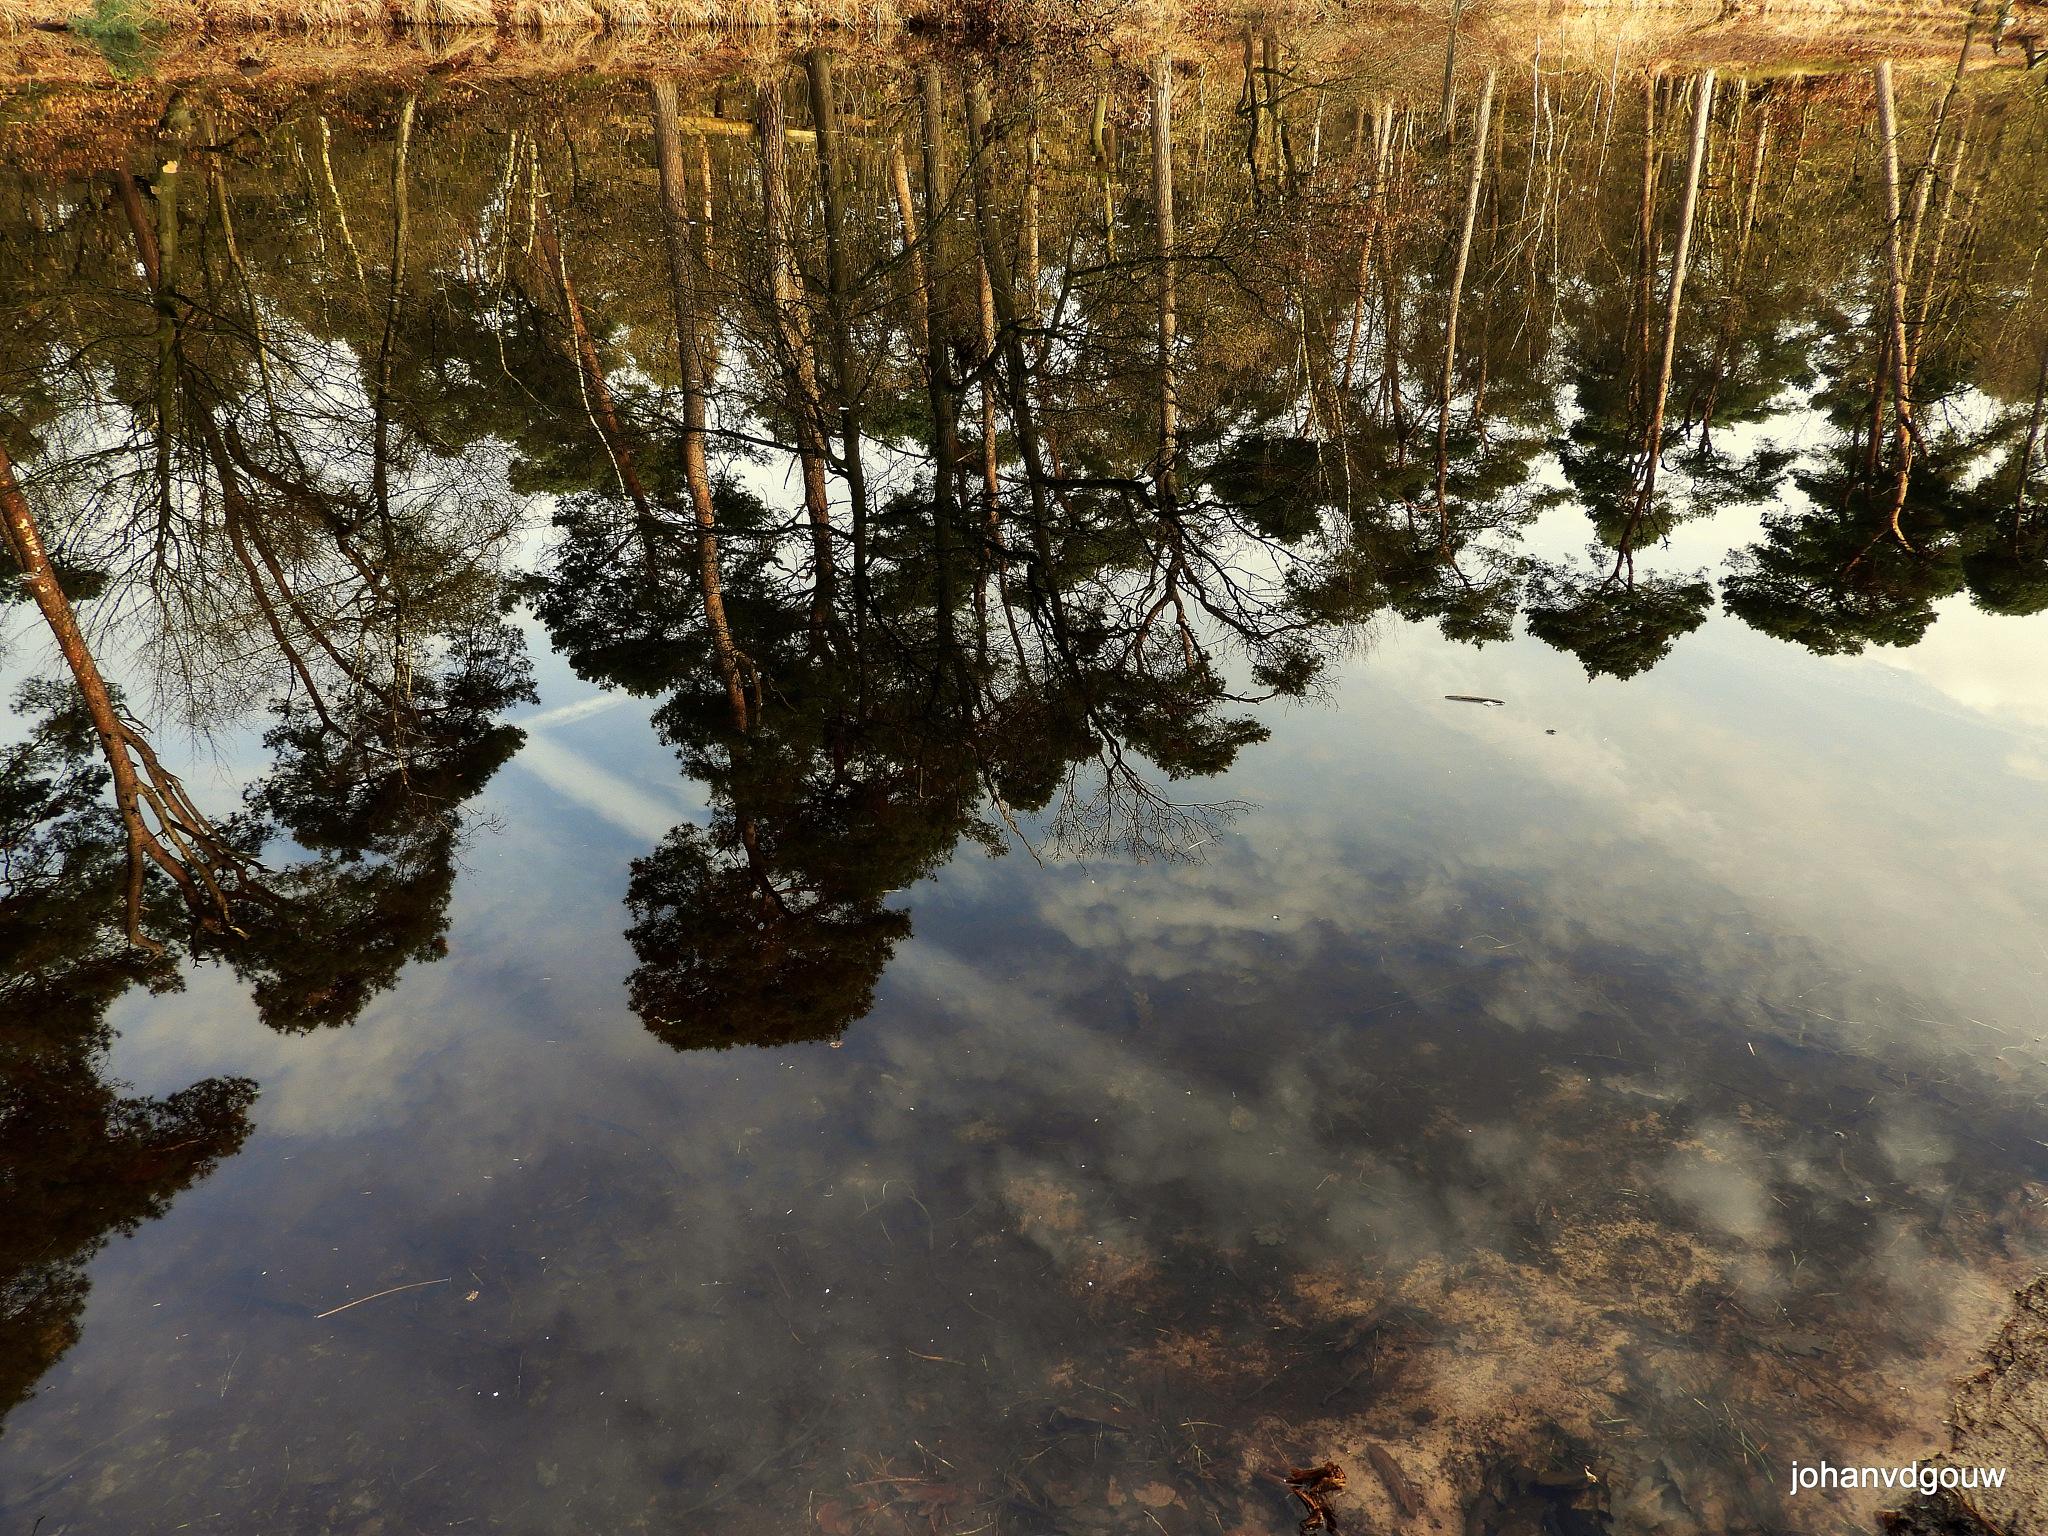 reflections3 by johan.vandergouw